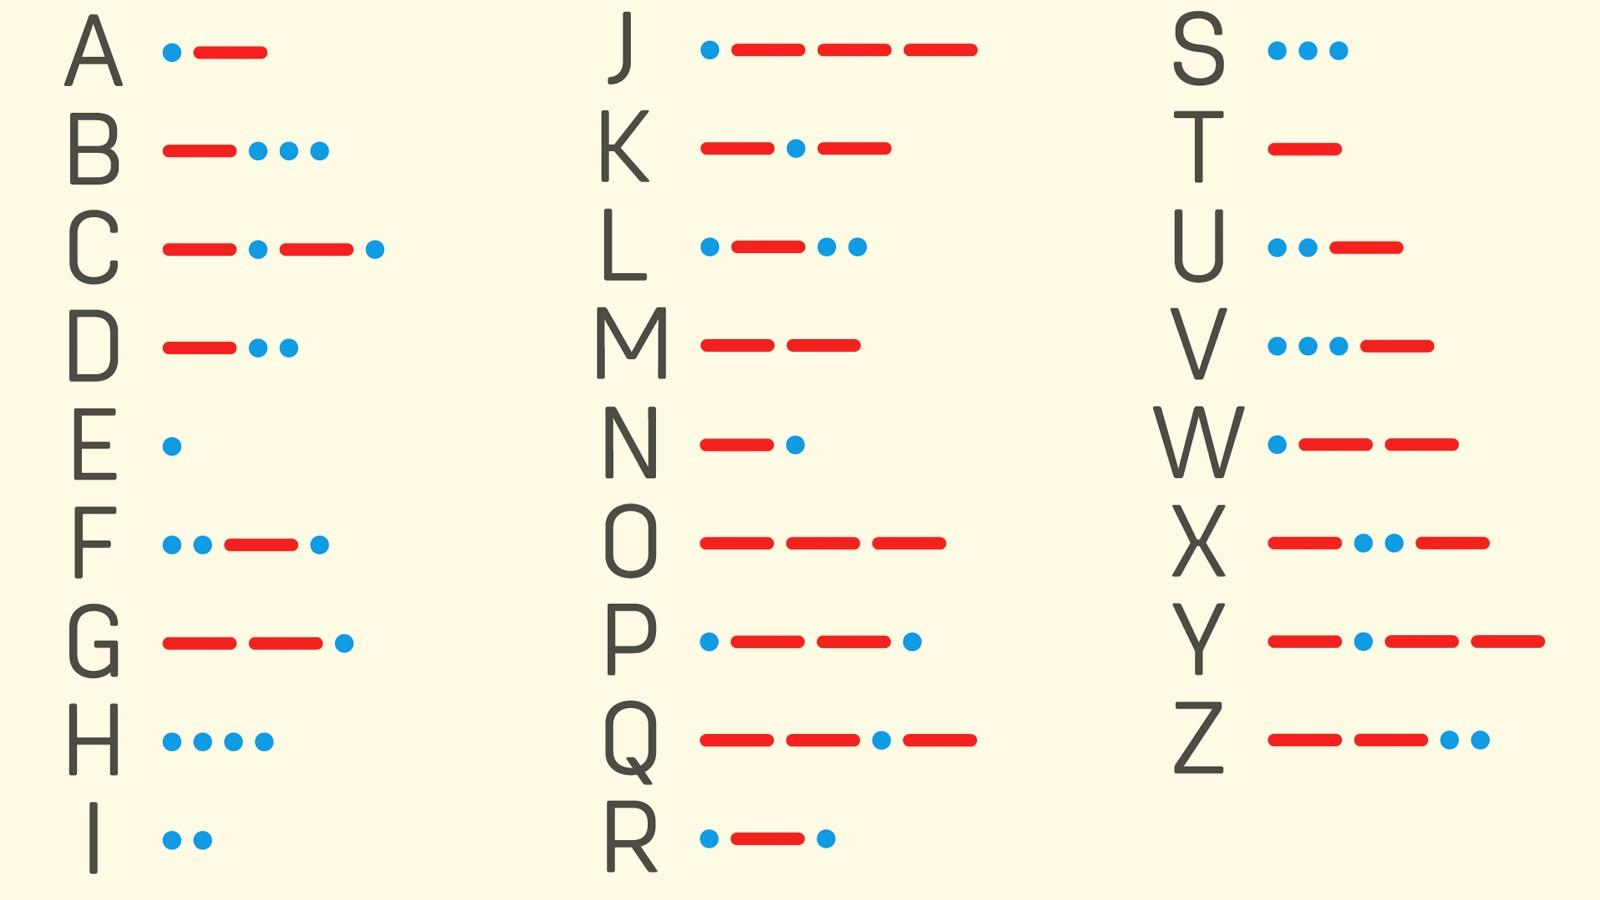 Morse code A through Z